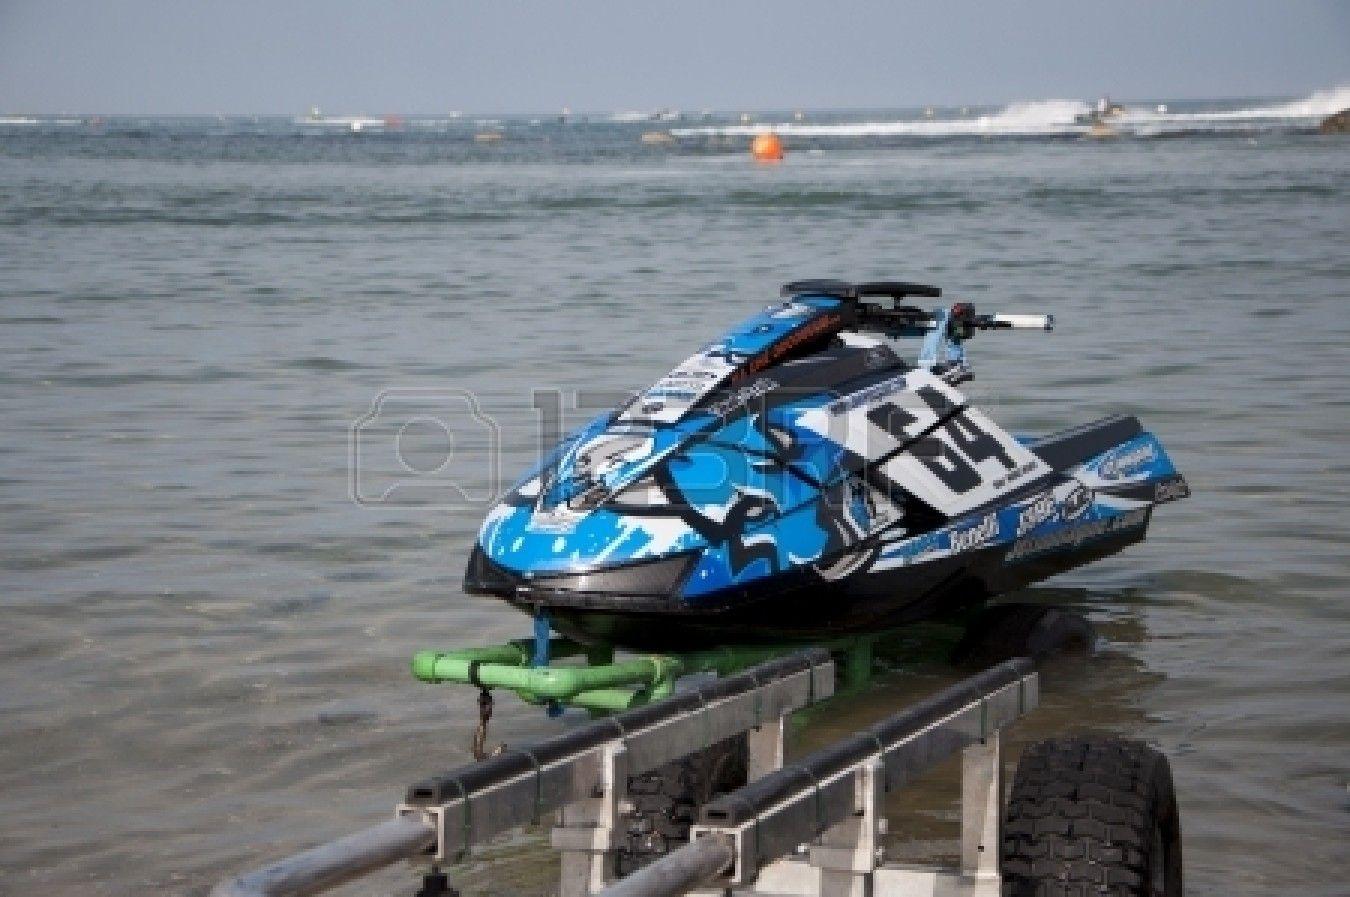 pesaro September 2013 jet ski race